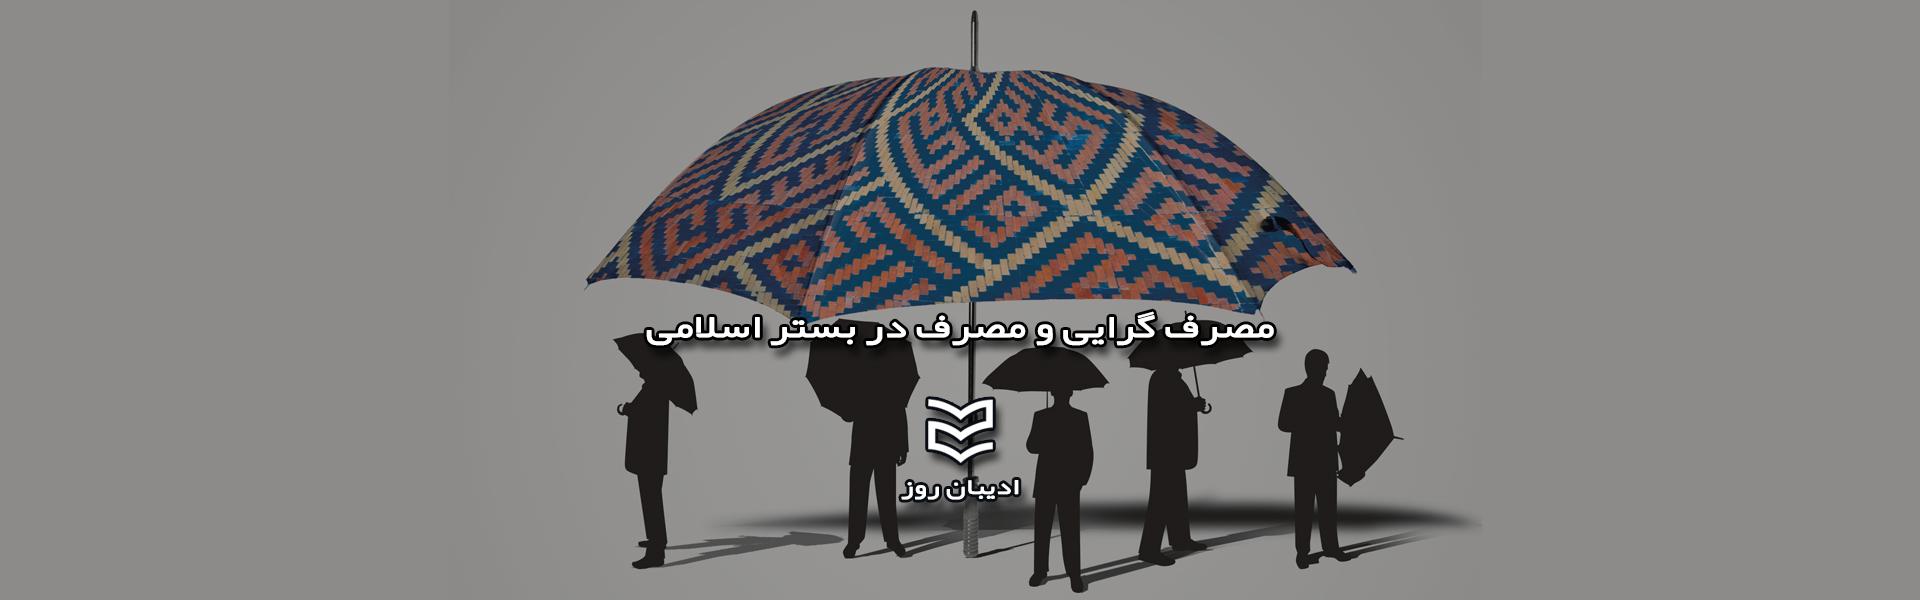 مصرف گرایی و مصرف در بستر اسلامی